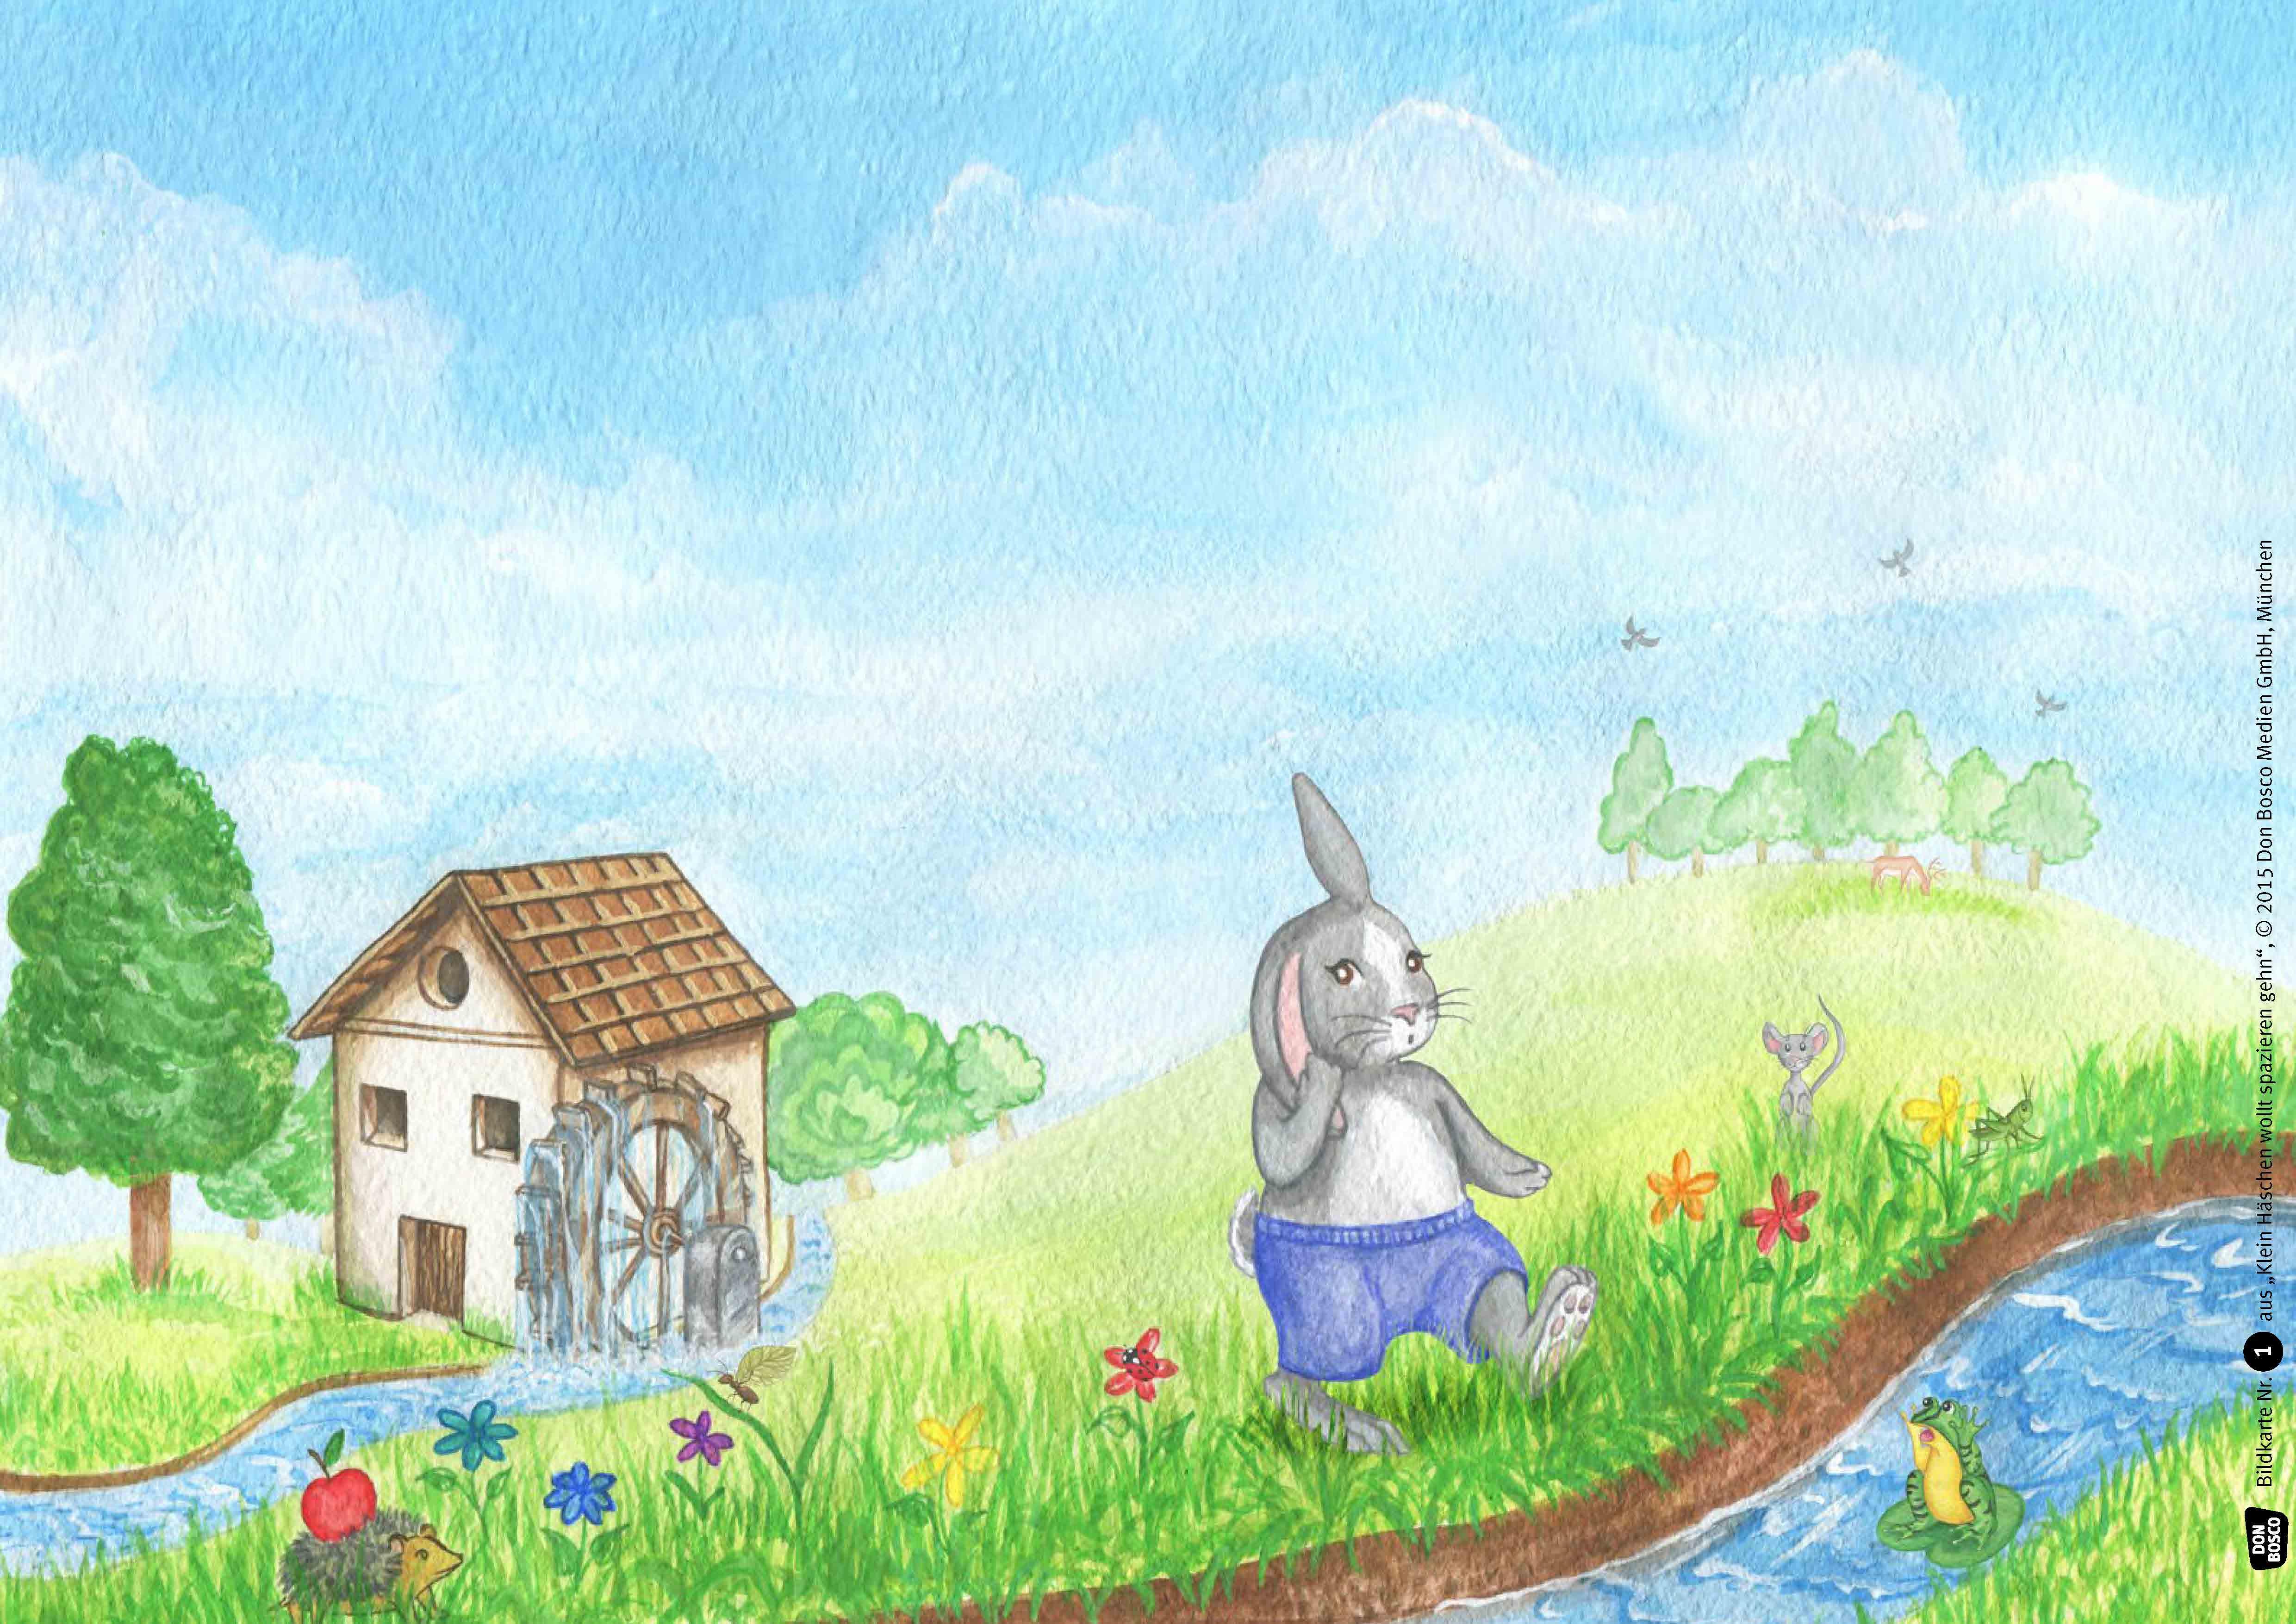 Innenansicht zu Klein Häschen wollt spazieren gehn. Kamishibai Bildkartenset.